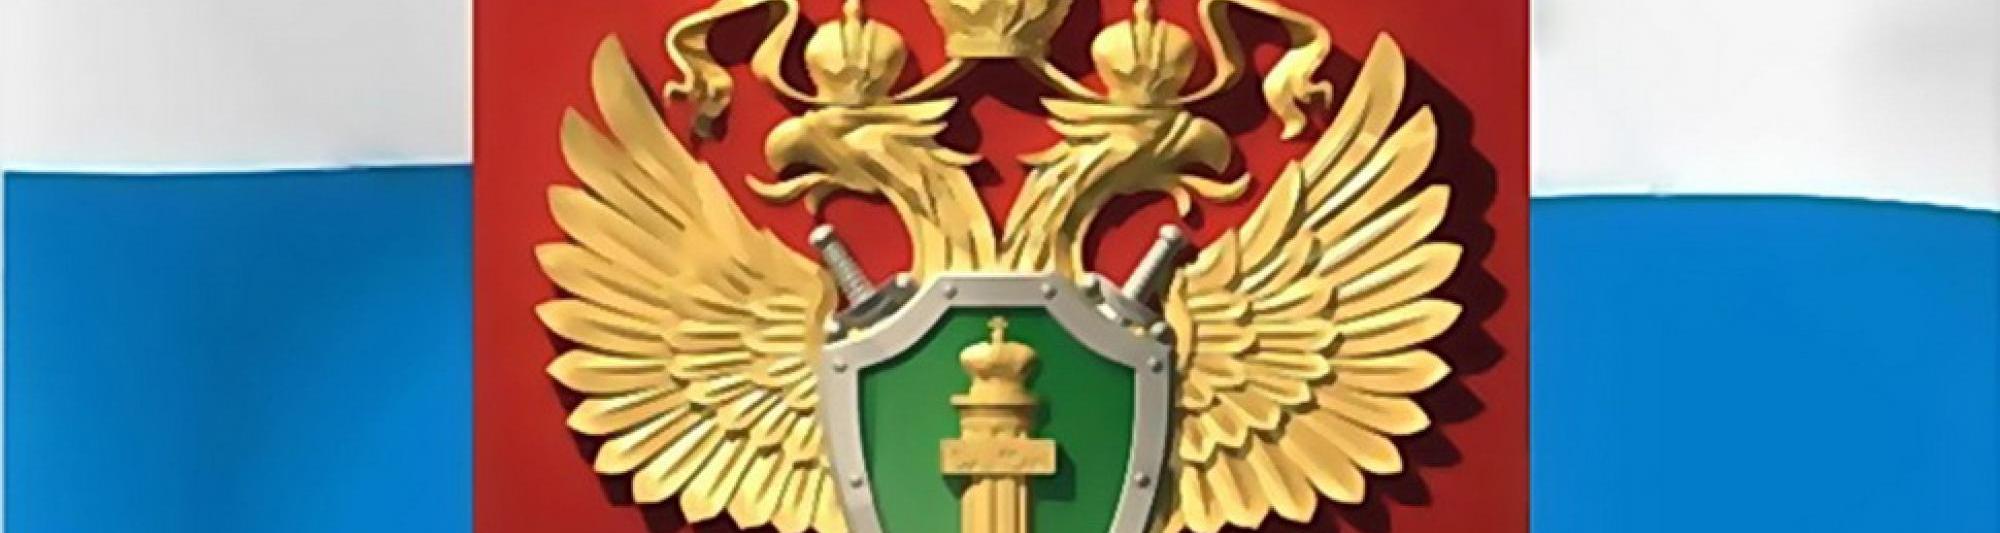 Поздравление с Днем работника прокуратуры РФ